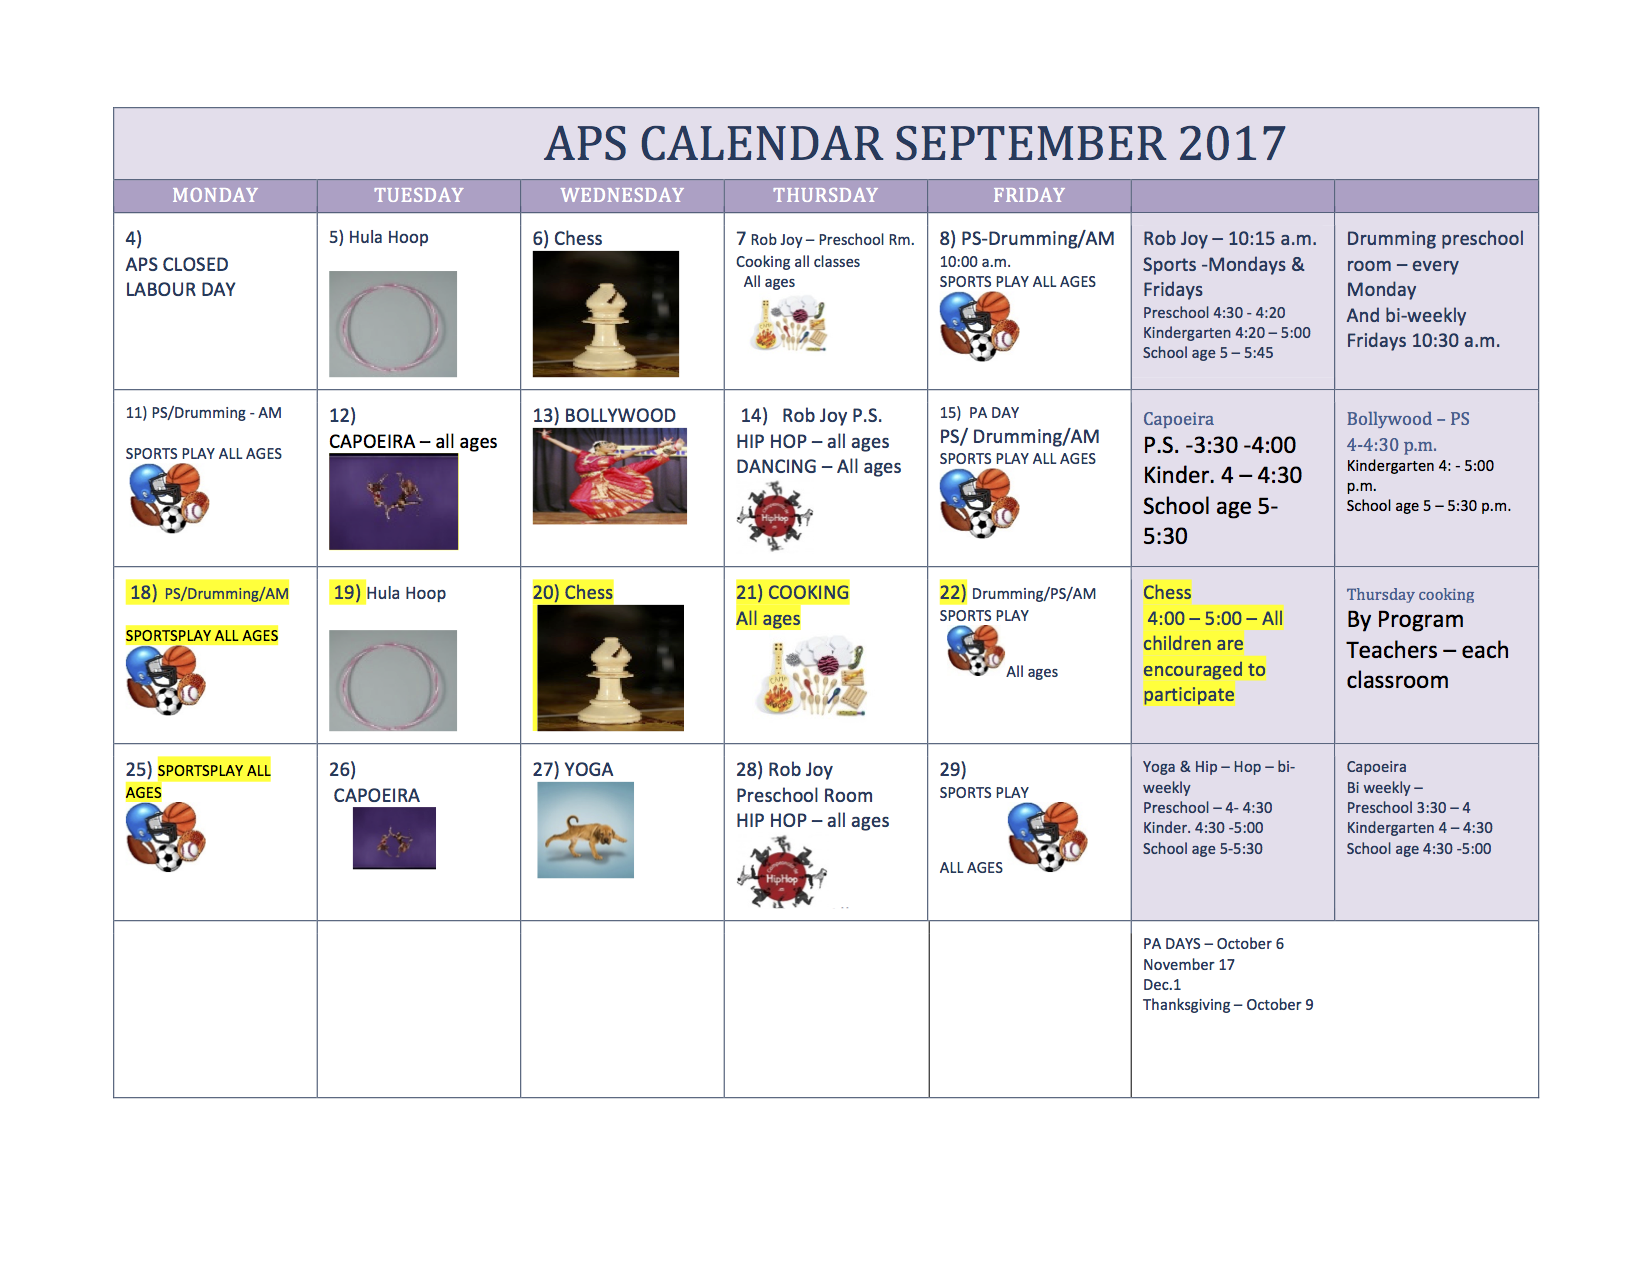 Calendar for September 2017